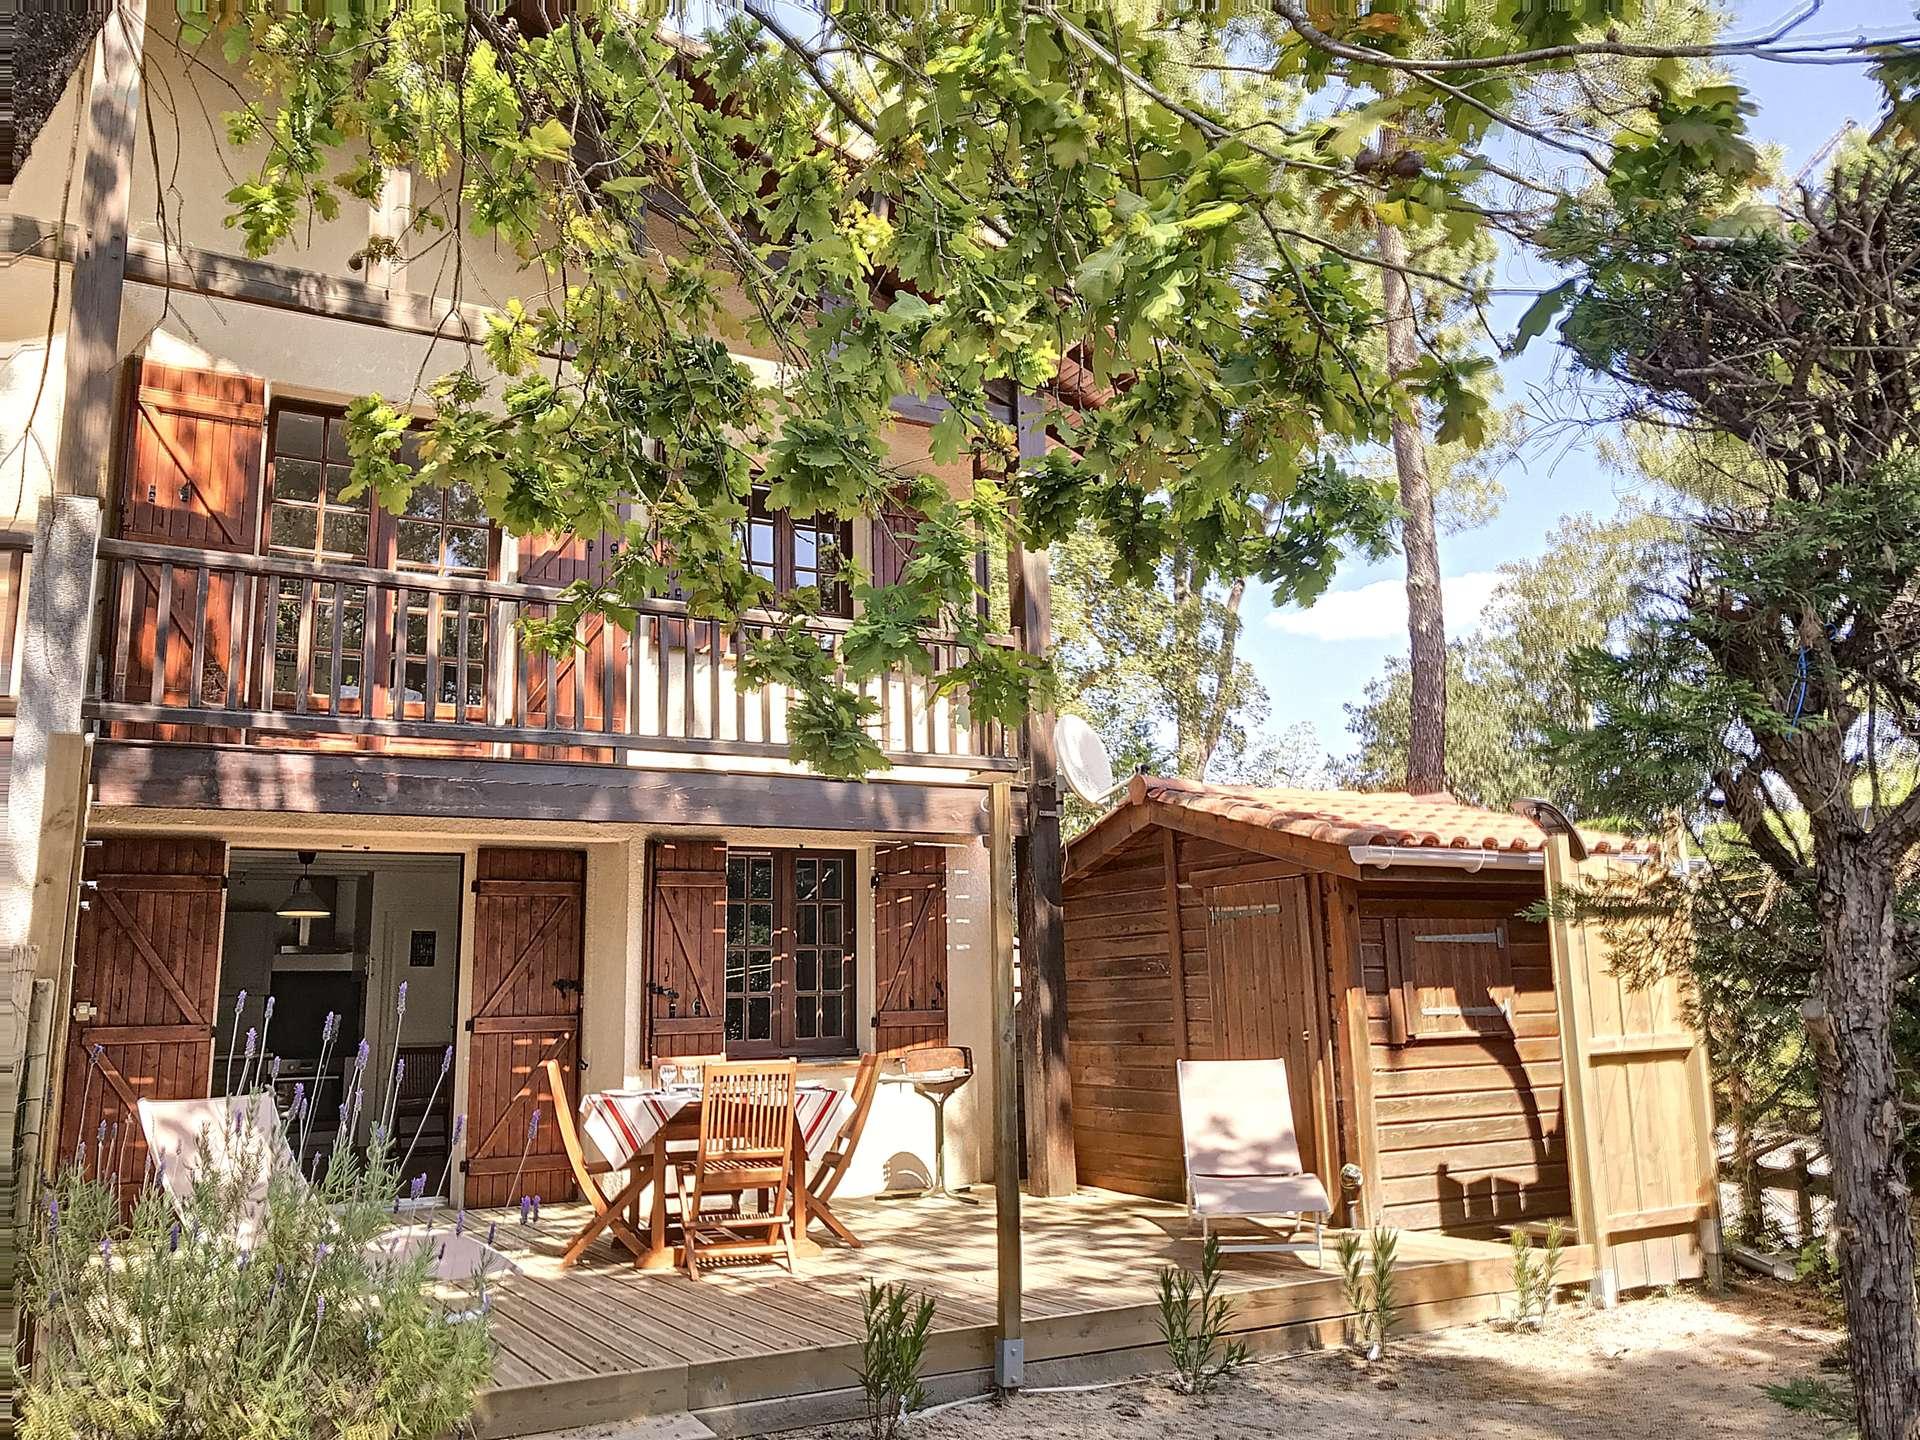 Villa de vacances pour 4 à louer à Messanges